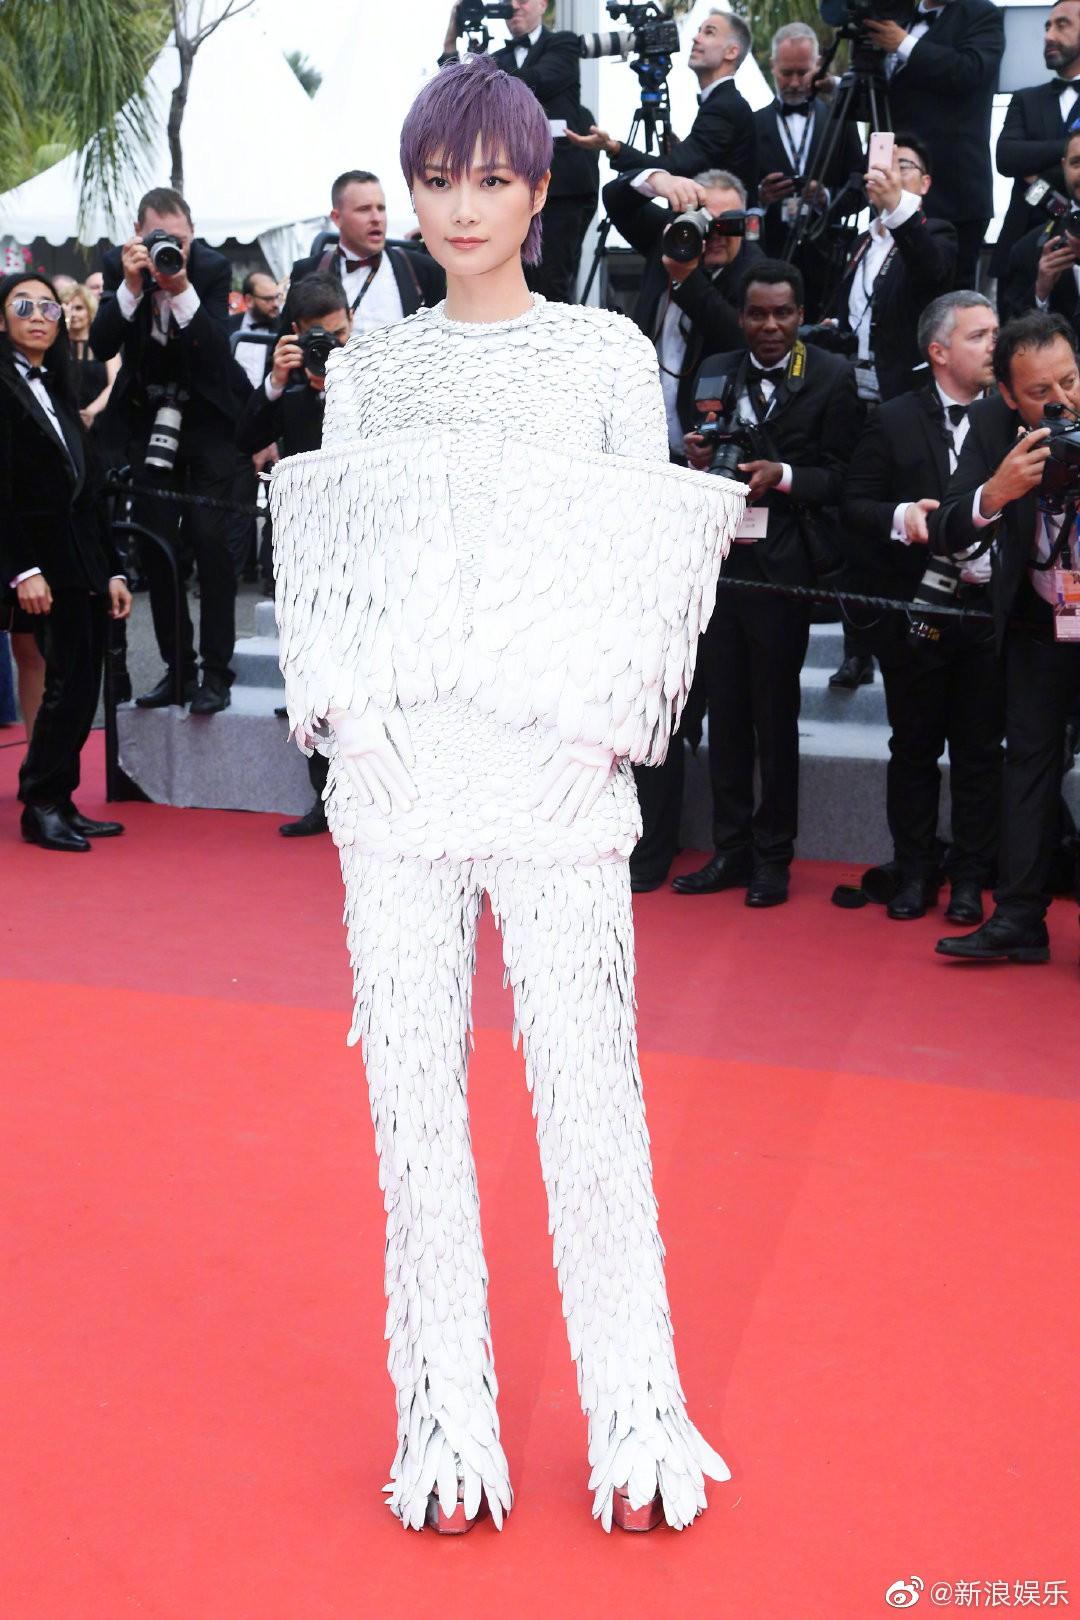 Thảm đỏ Cannes ngày 2: Thiên thần Victorias Secret suýt lộ hàng, Phạm Băng Băng Thái Lan xinh như tiên tử - Ảnh 28.